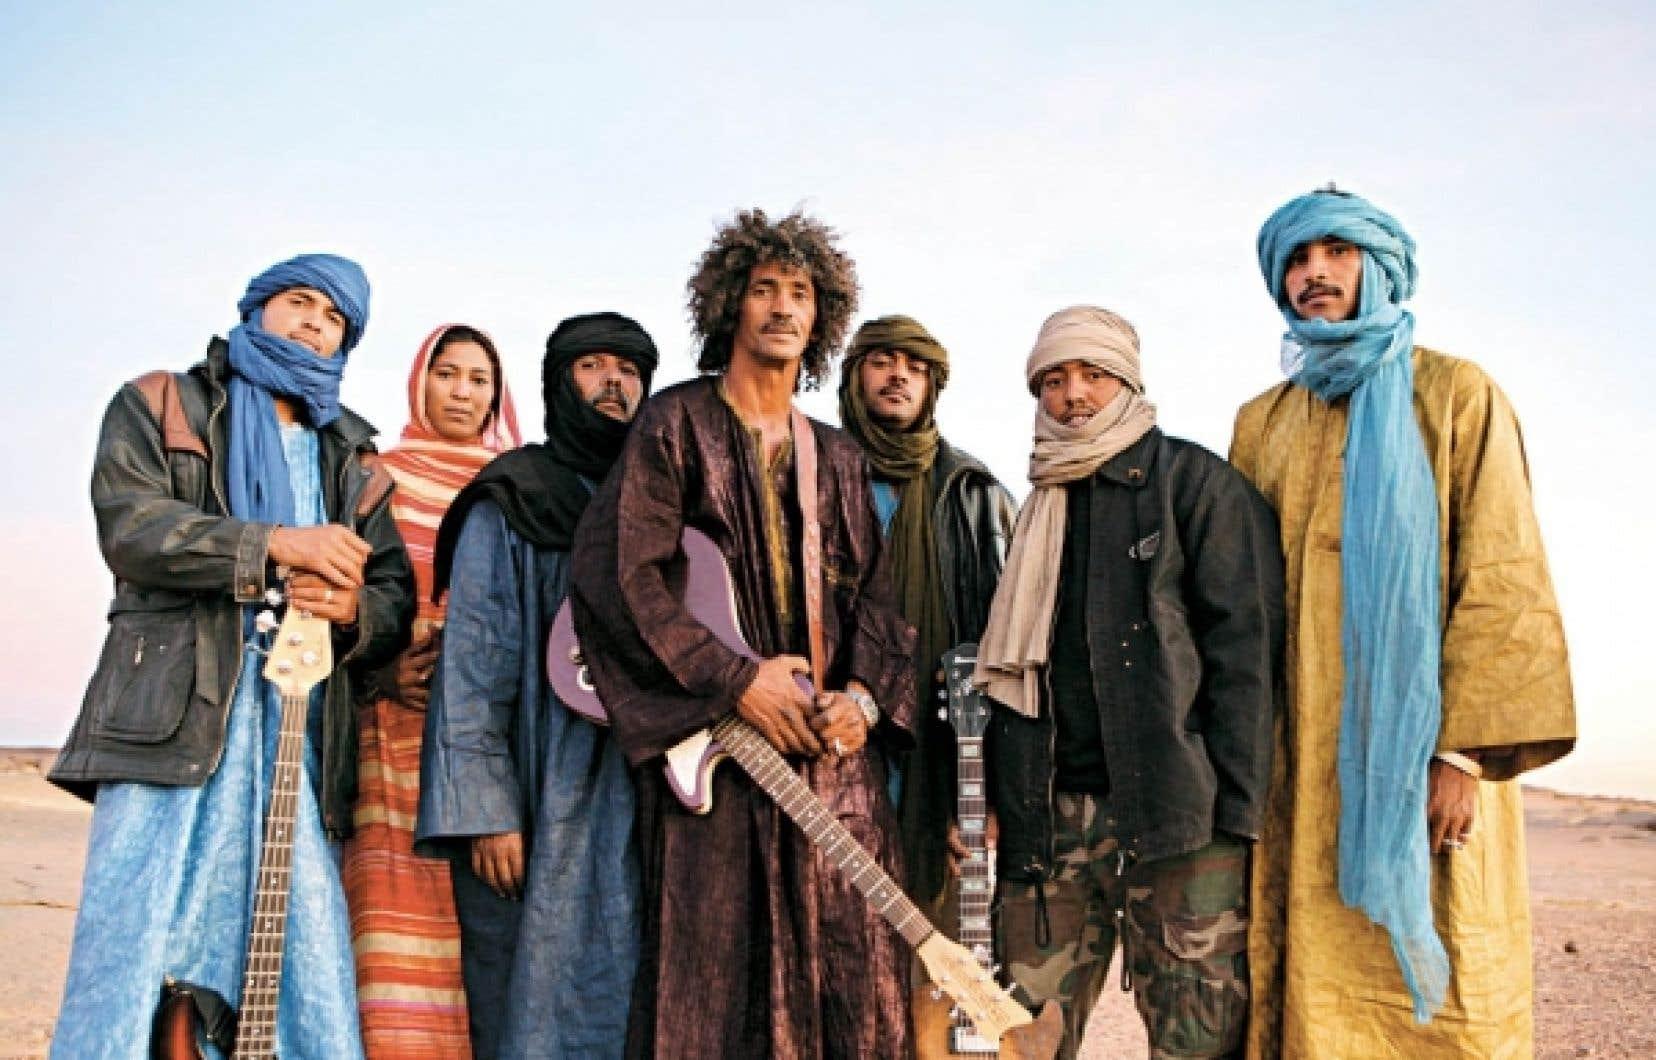 Le DVD qui accompagne Imidiwan: companions illustre très bien l'univers de la création du disque dans le silence et l'immensité de la terre, avec pour tout paysage le sable, les roches et l'austérité.